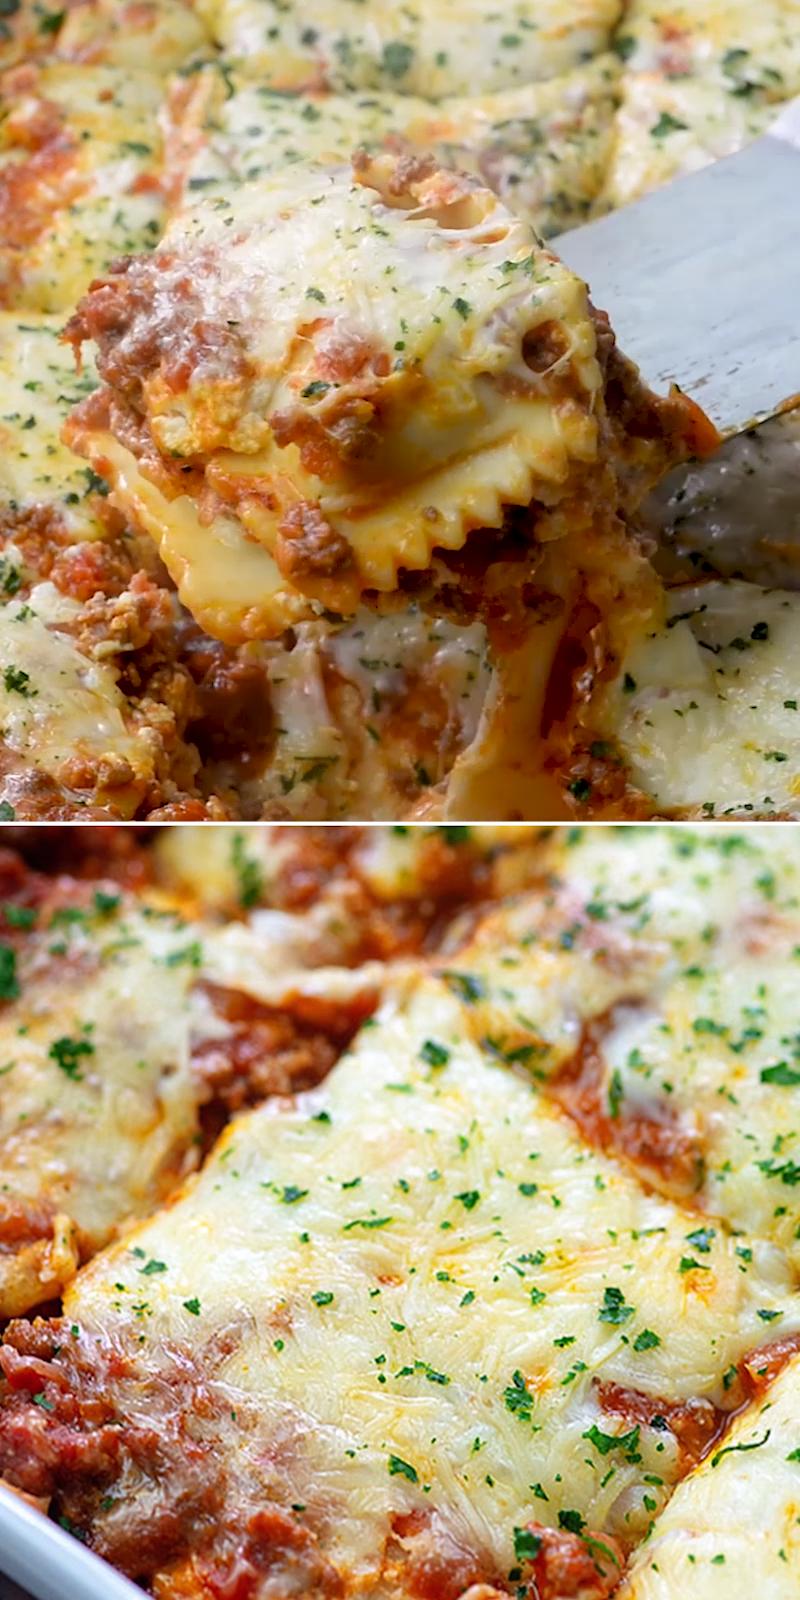 Lasagna made extra cheesy and extra easy with ravioli!